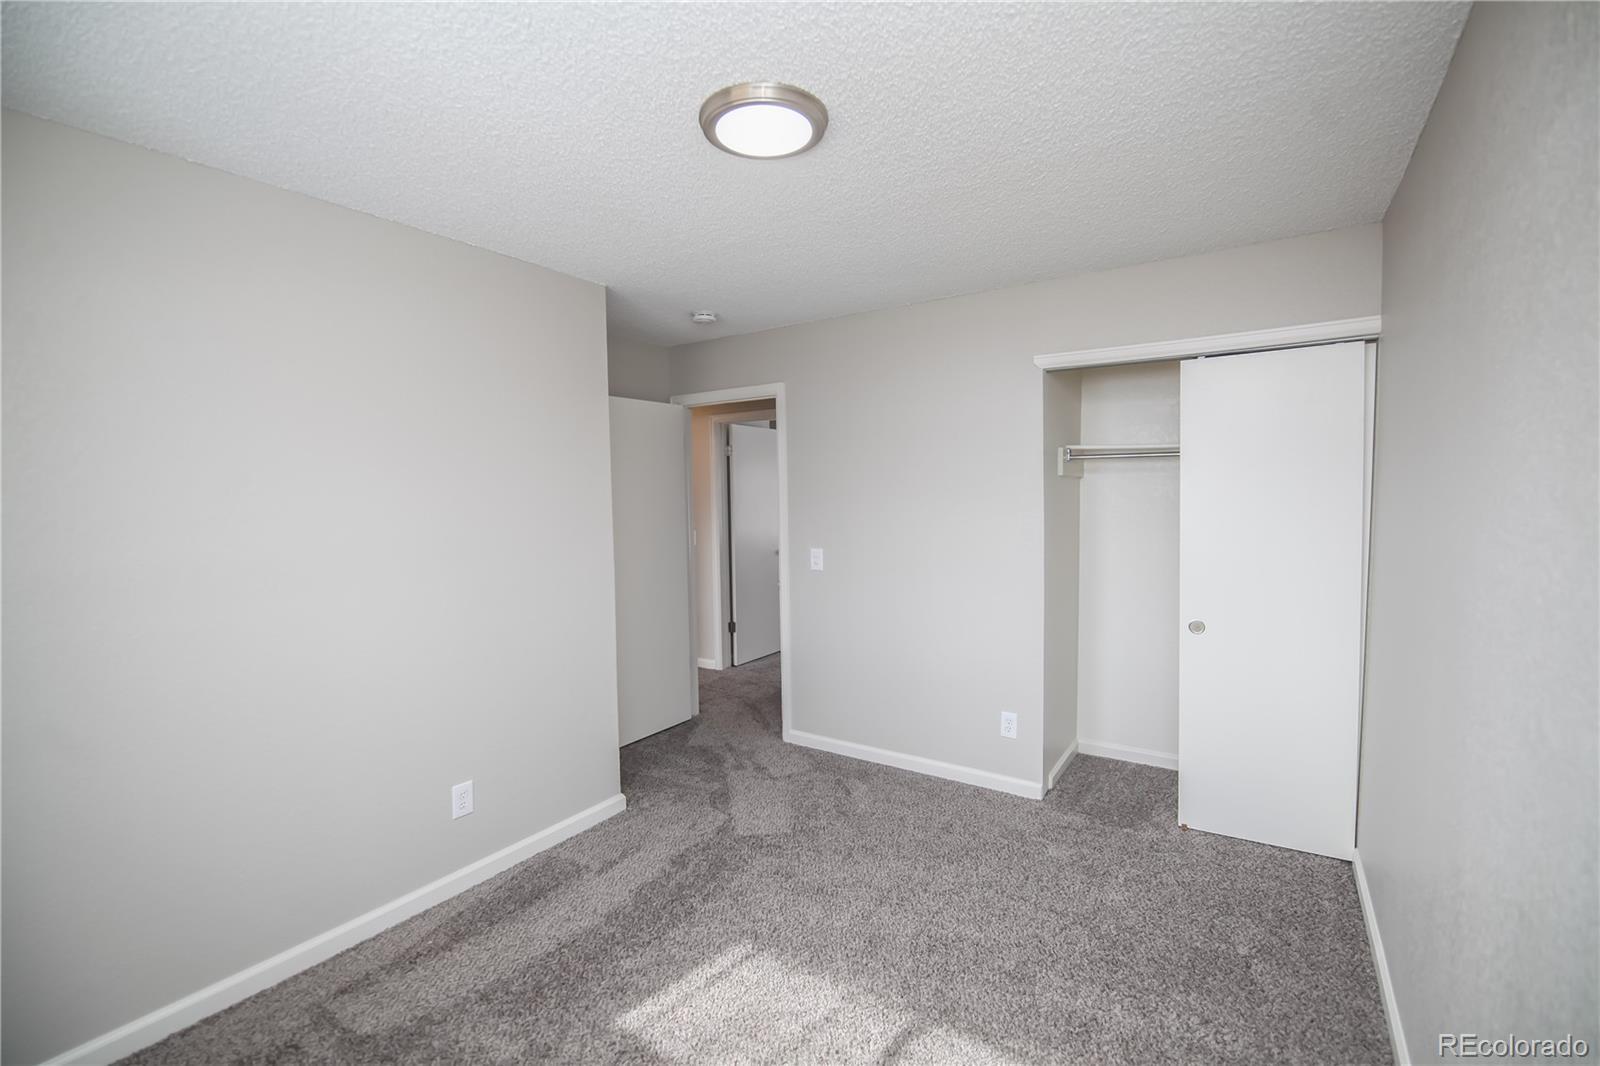 MLS# 6851671 - 14 - 16204 E Vassar Avenue, Aurora, CO 80013